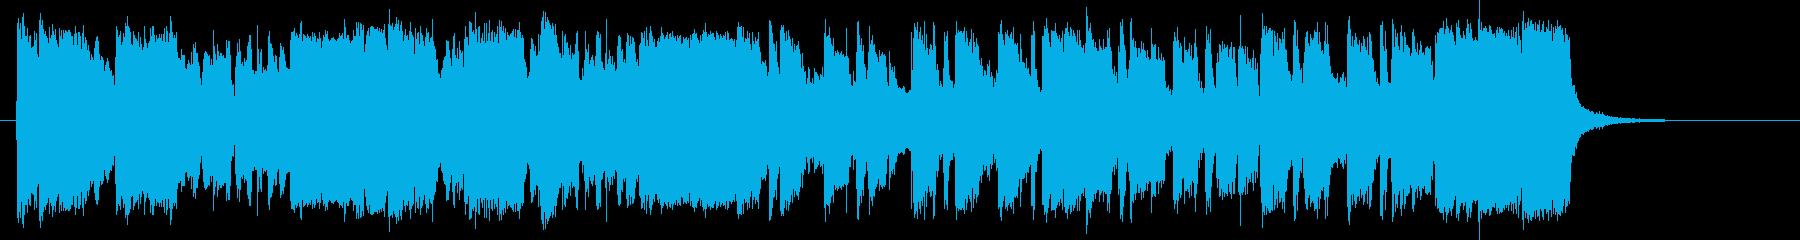 アップテンポなポップスバンドのジングルの再生済みの波形